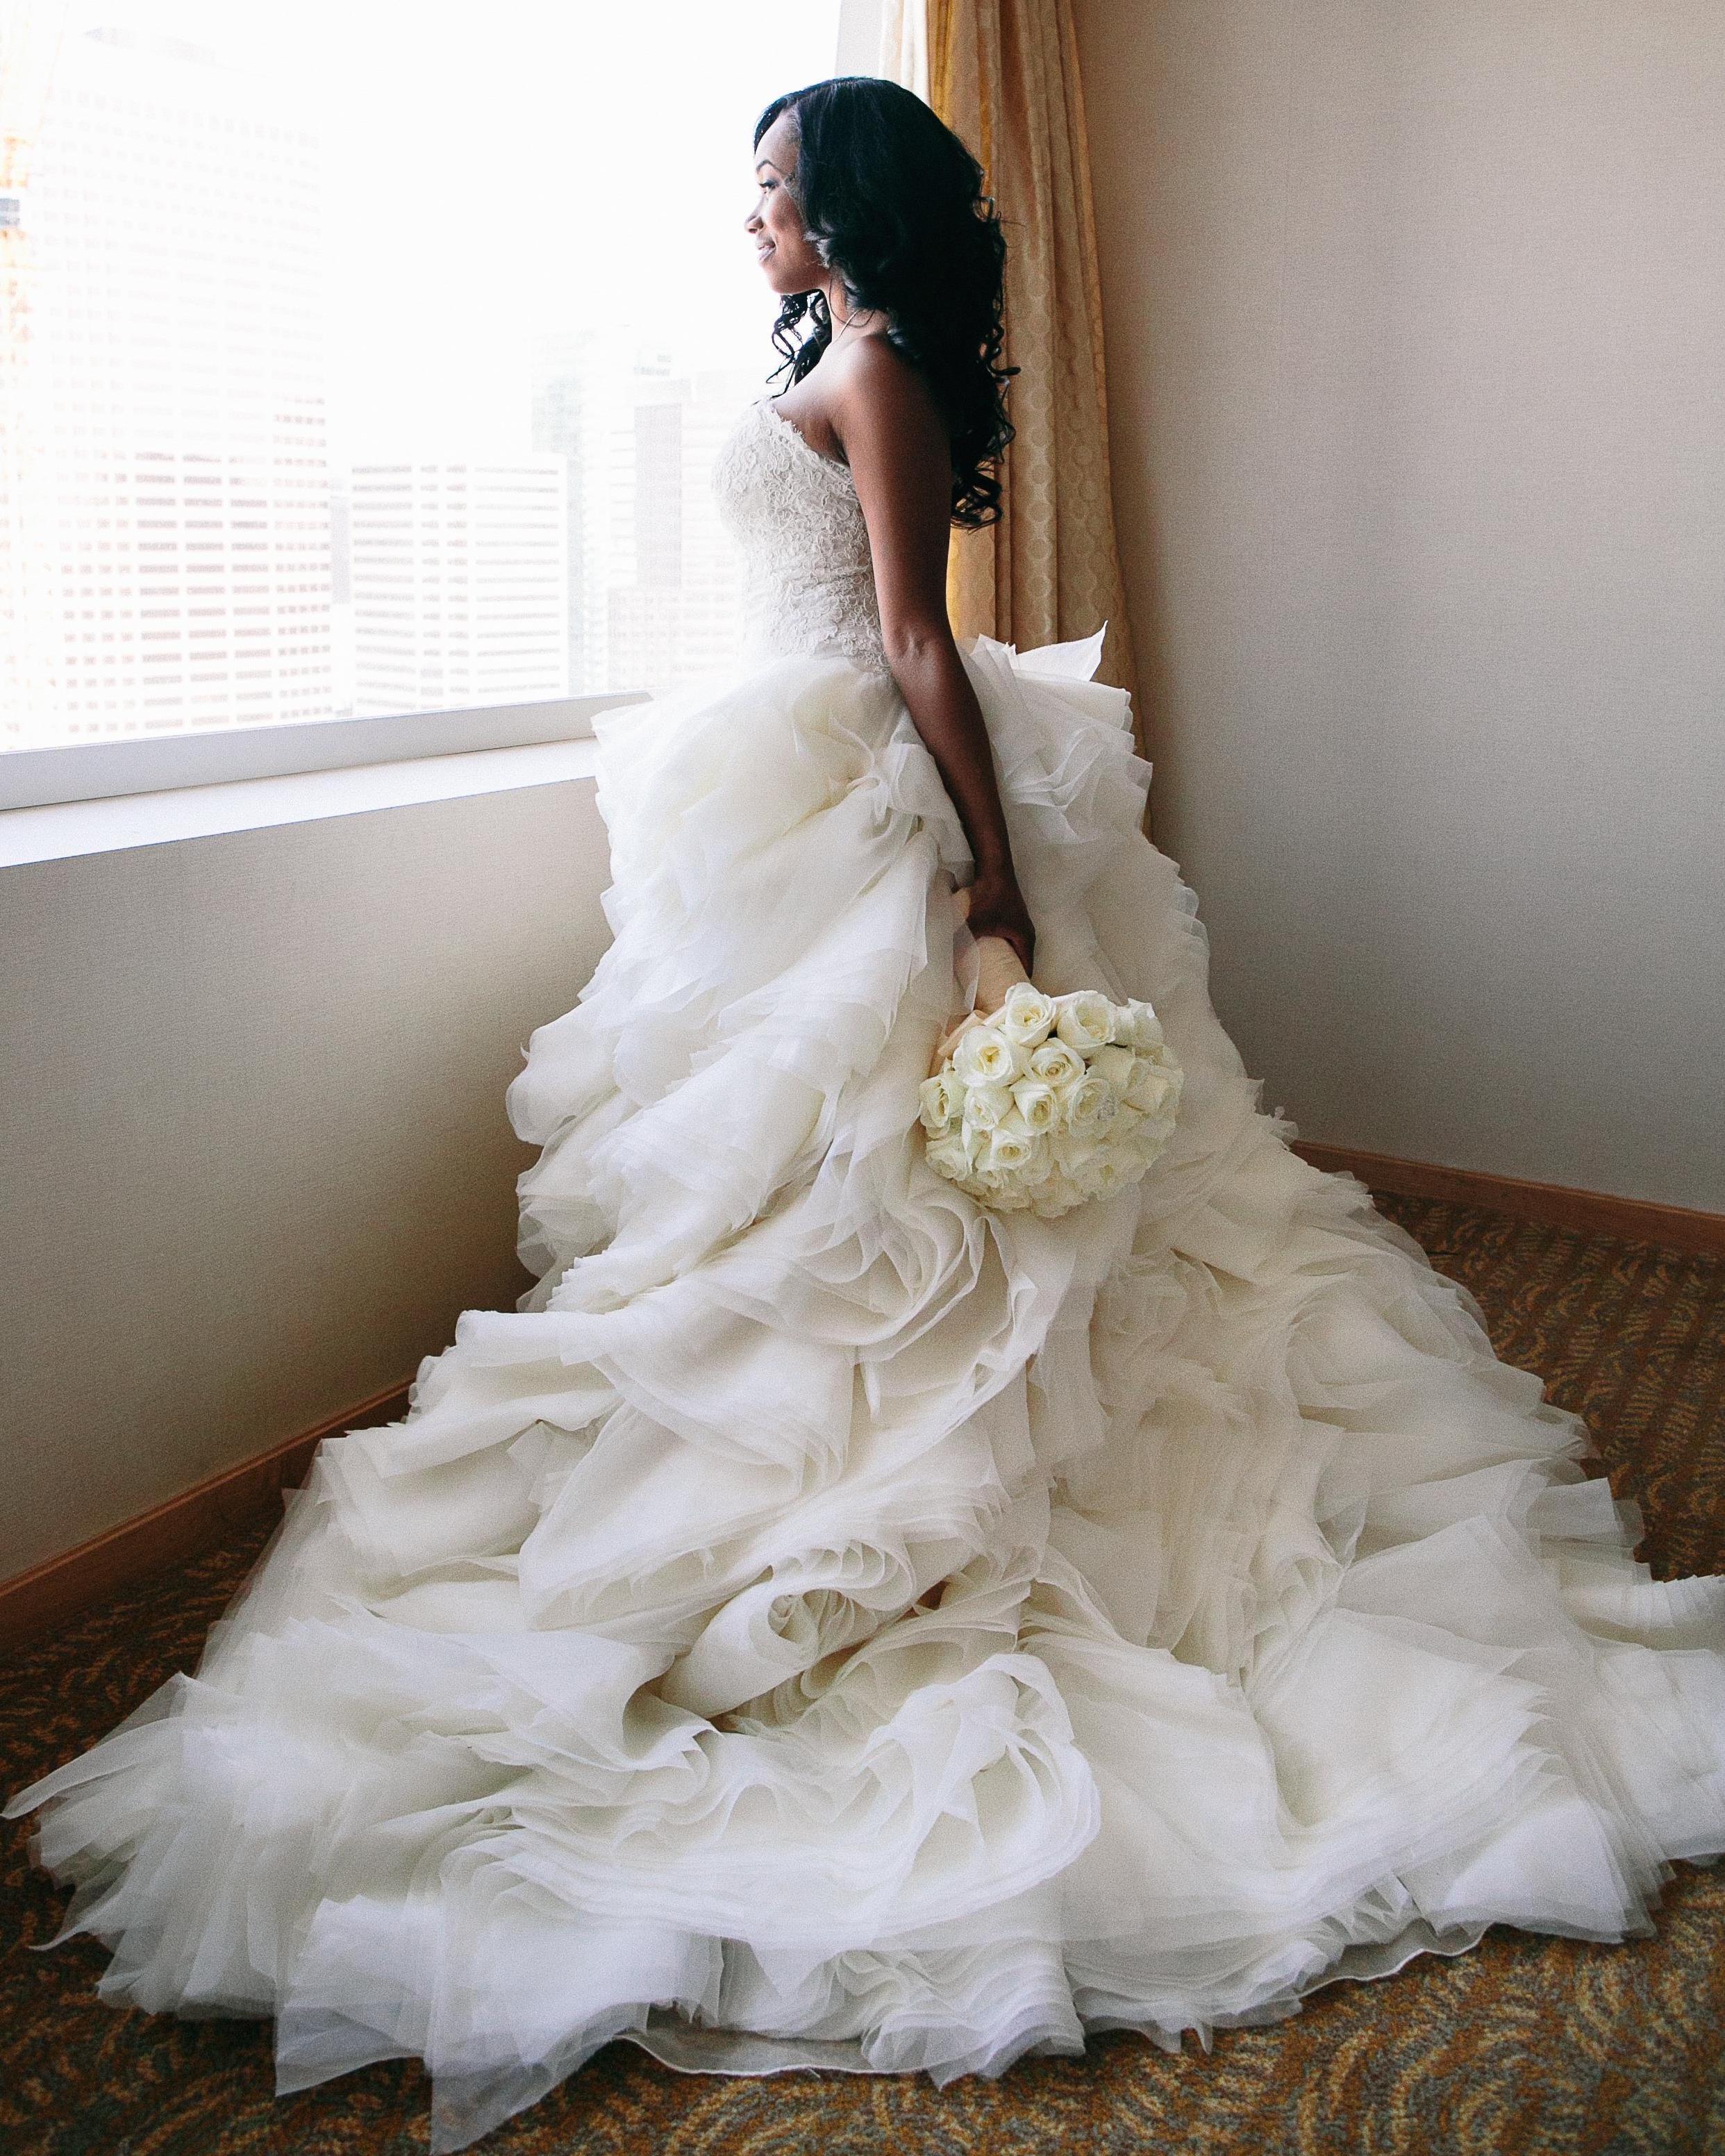 Seattle Seahawks Brandon Mebane wife in wedding dress